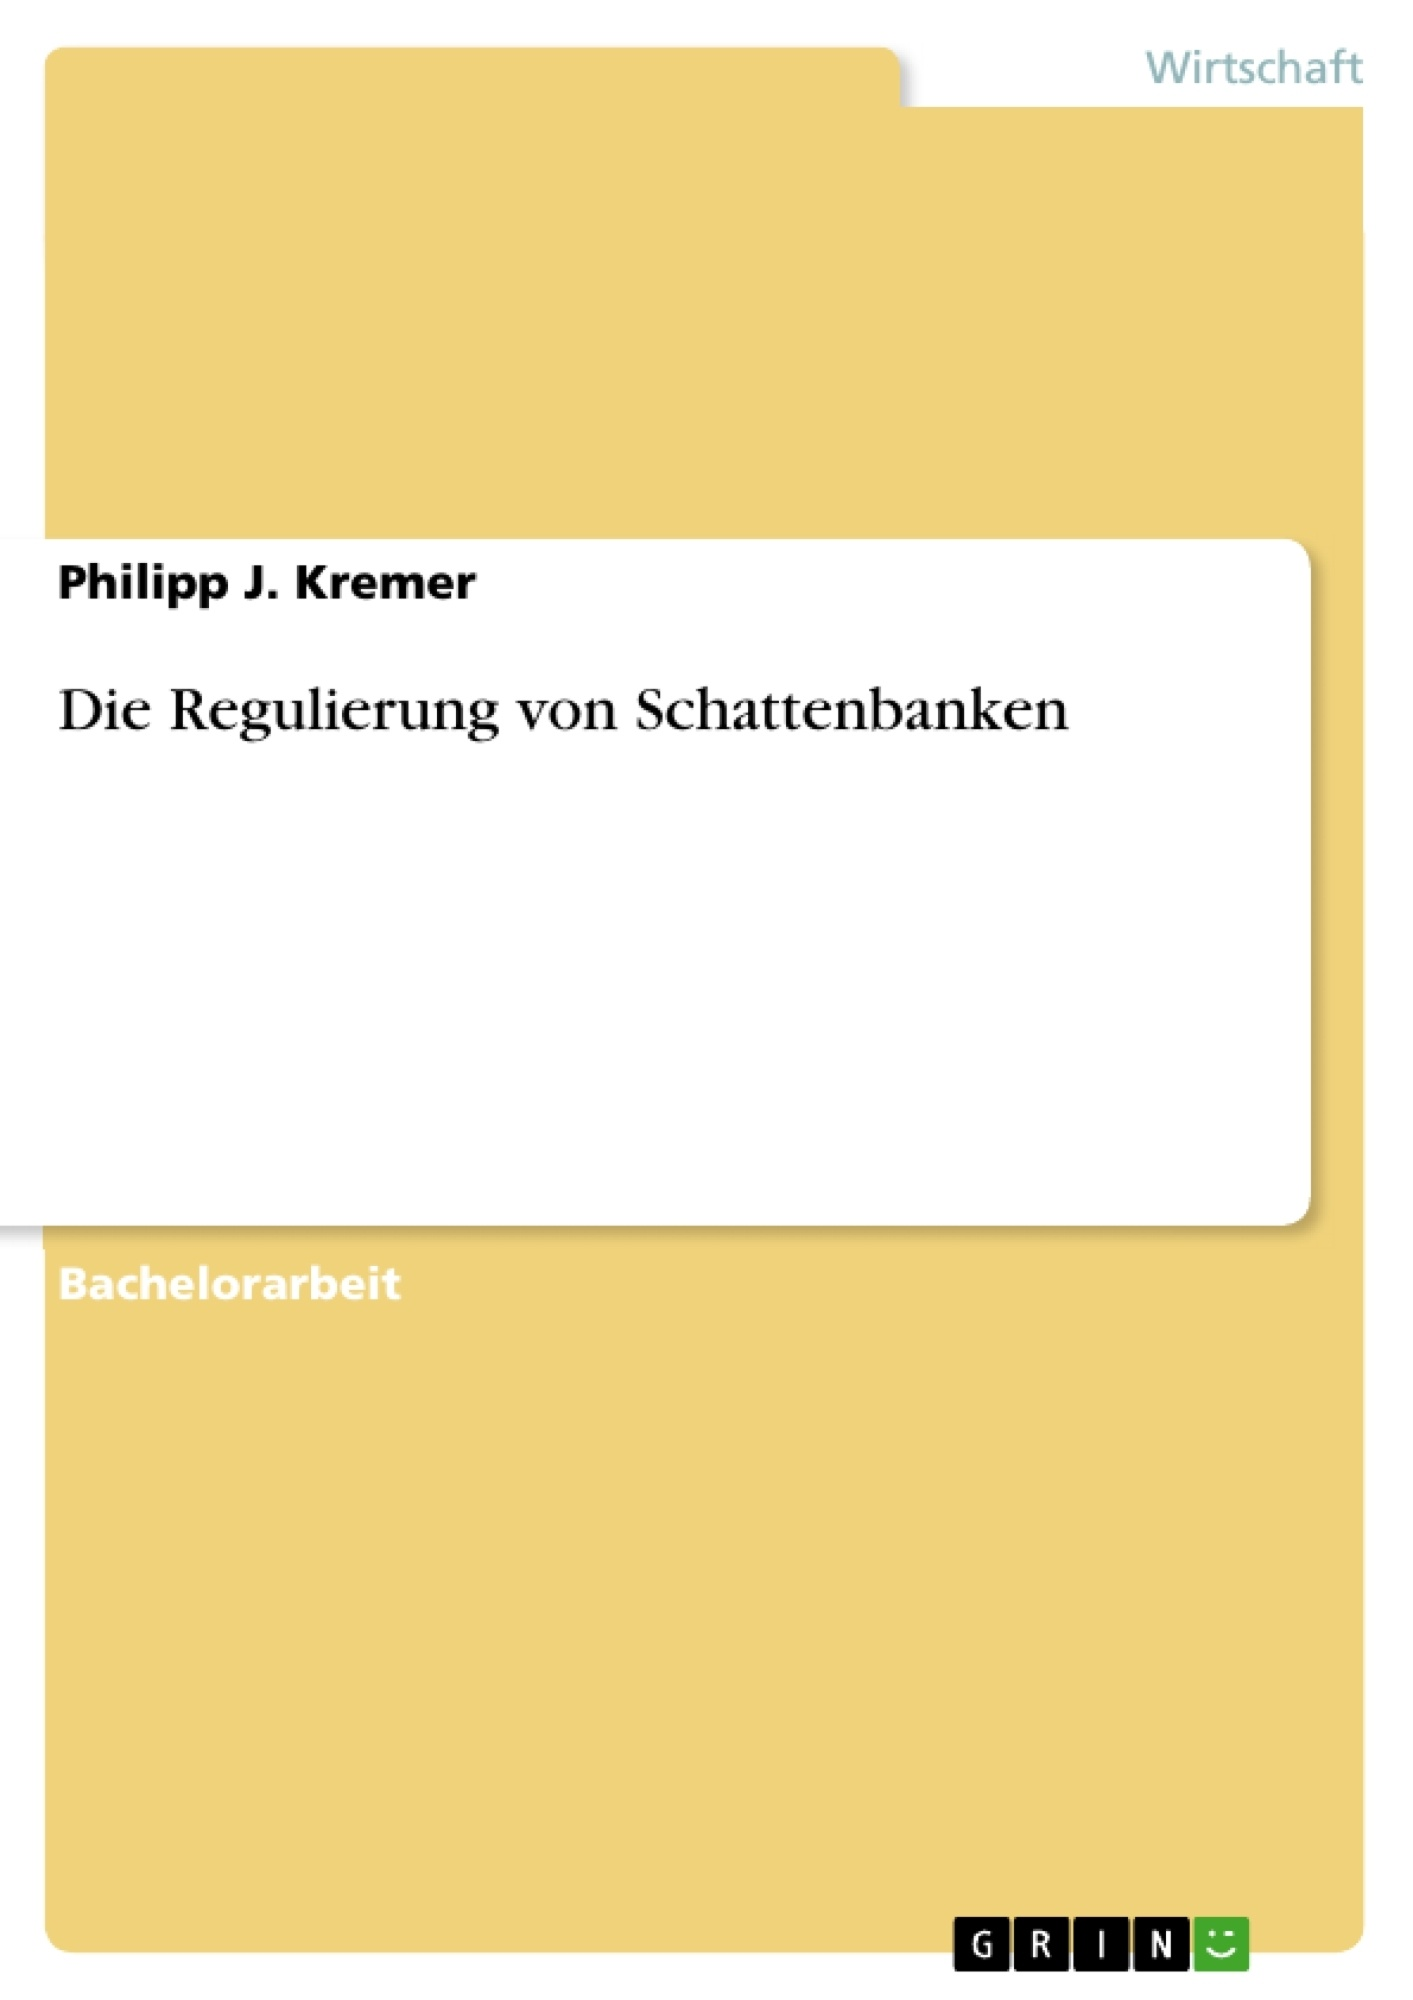 Titel: Die Regulierung von Schattenbanken